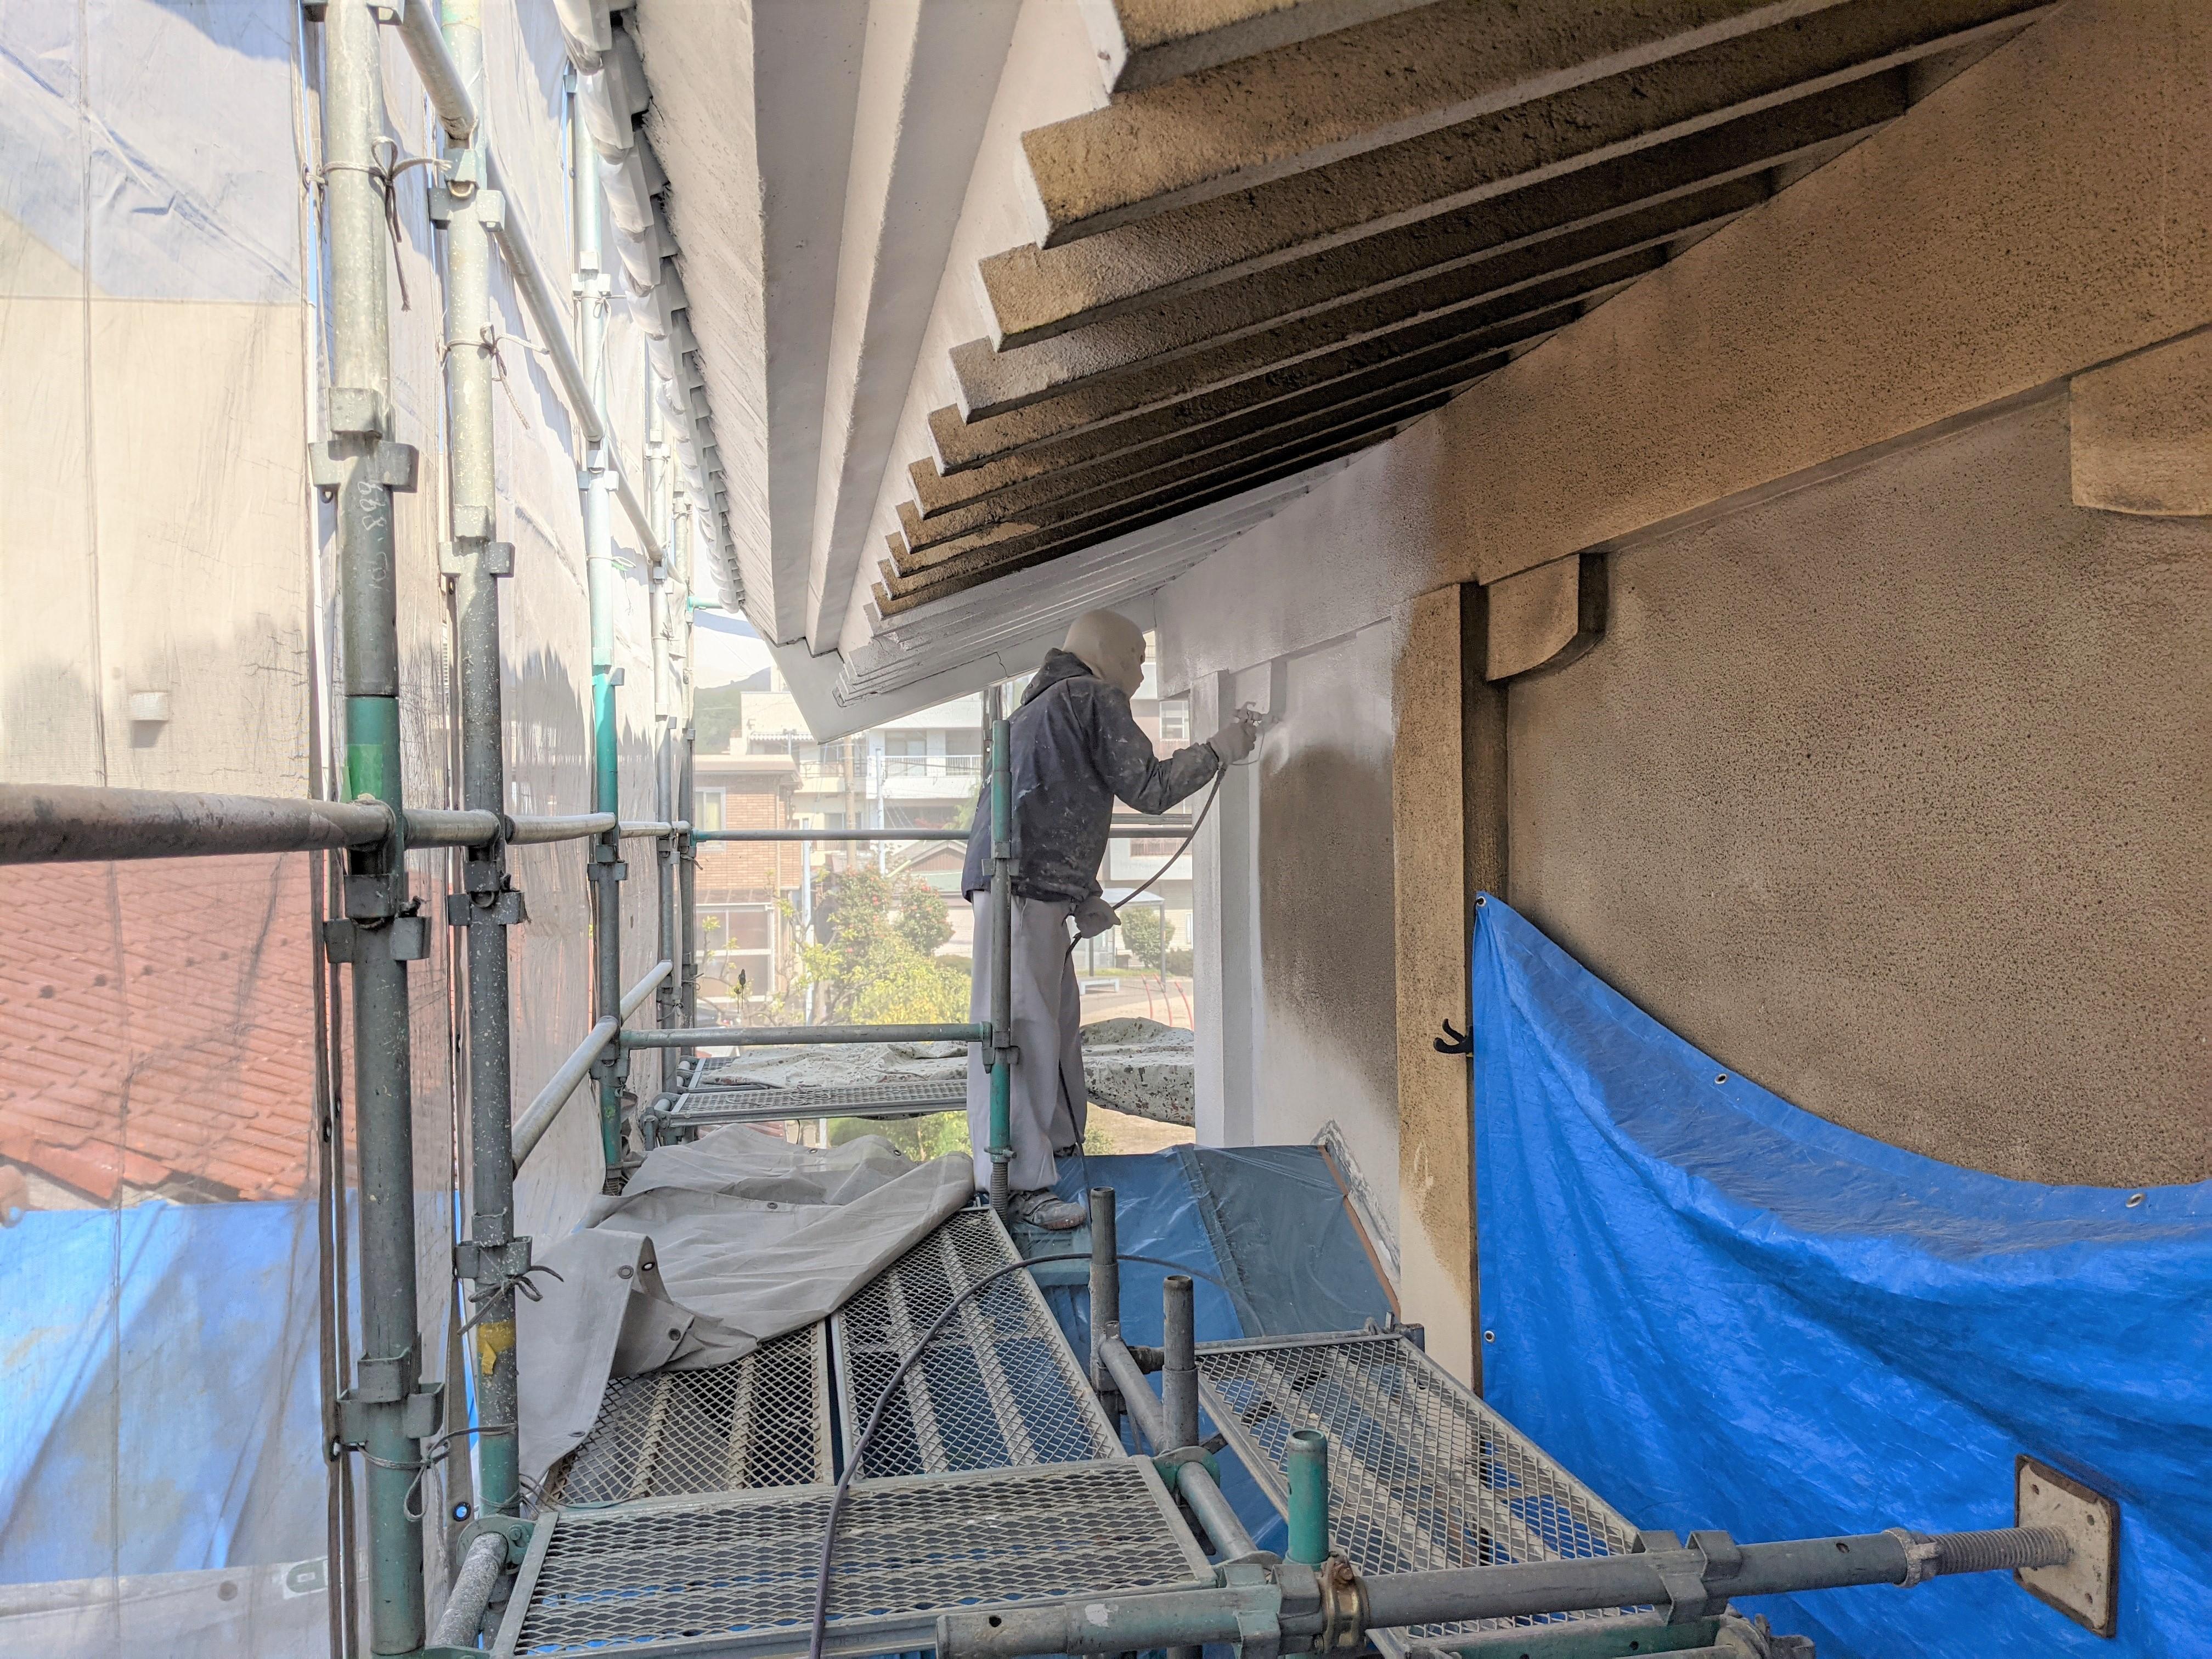 下塗り:外壁材と塗料の接着力を高める外壁塗装の最も重要な工程で、ひび割れ等補修も行います